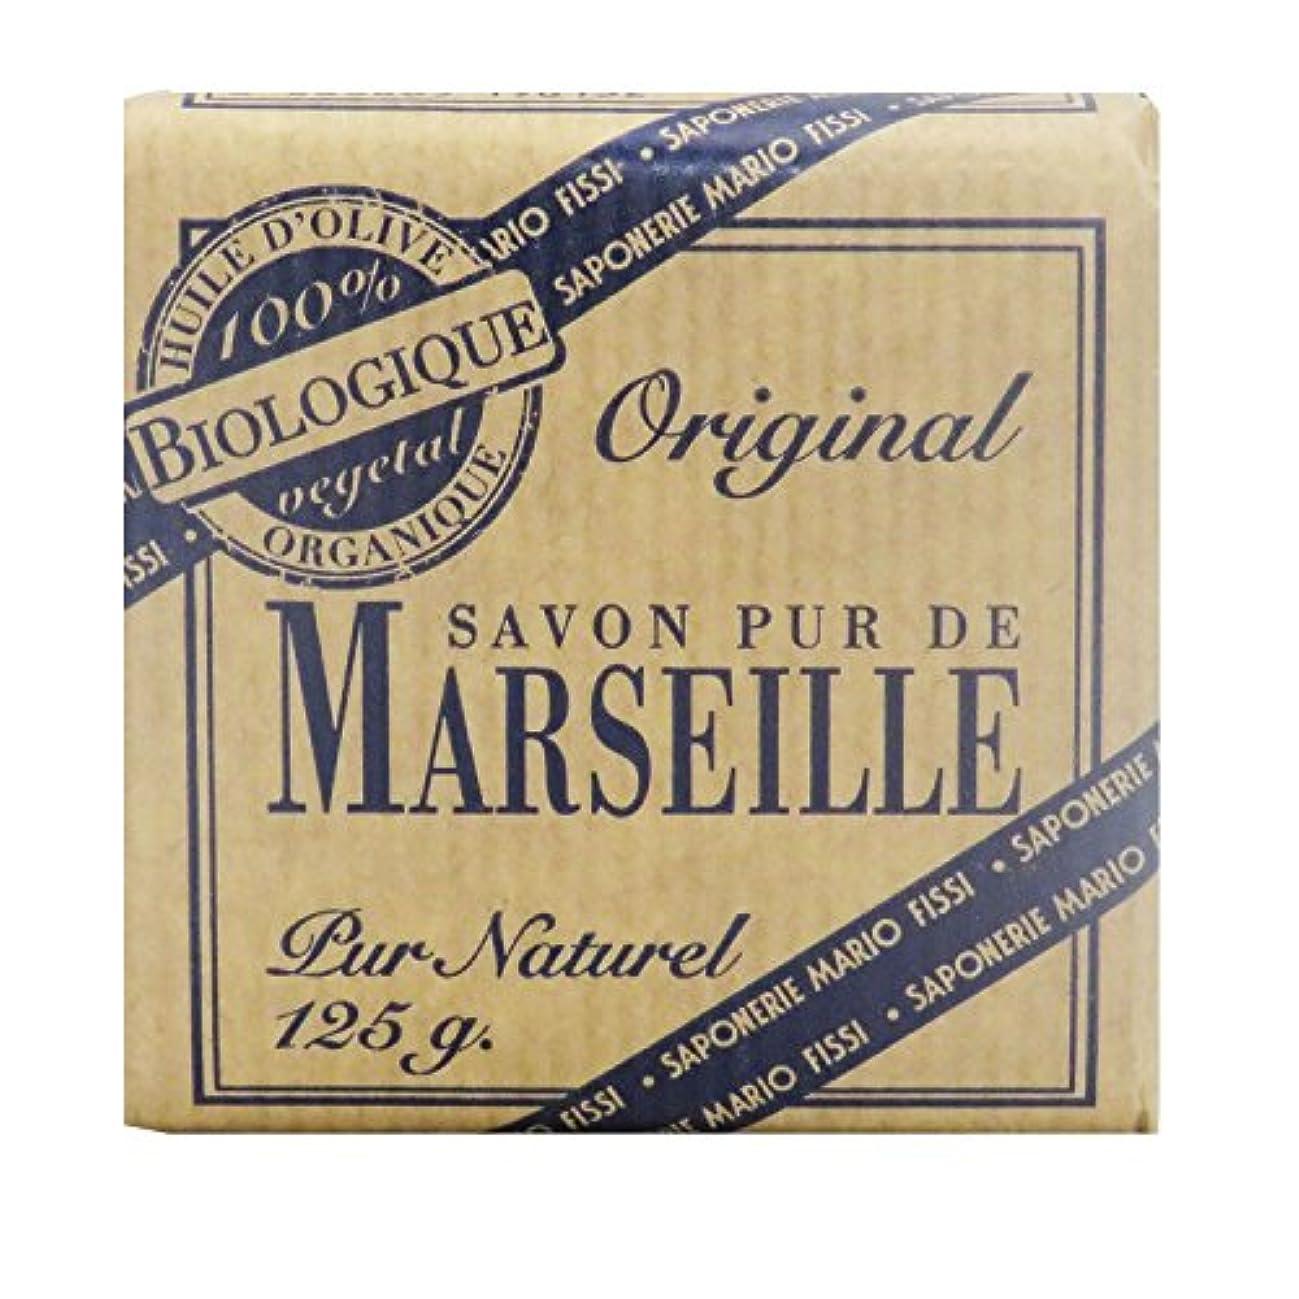 夜の動物園狂信者十代Saponerire Fissi マルセイユシリーズ マルセイユソープ 125g Original オリジナル